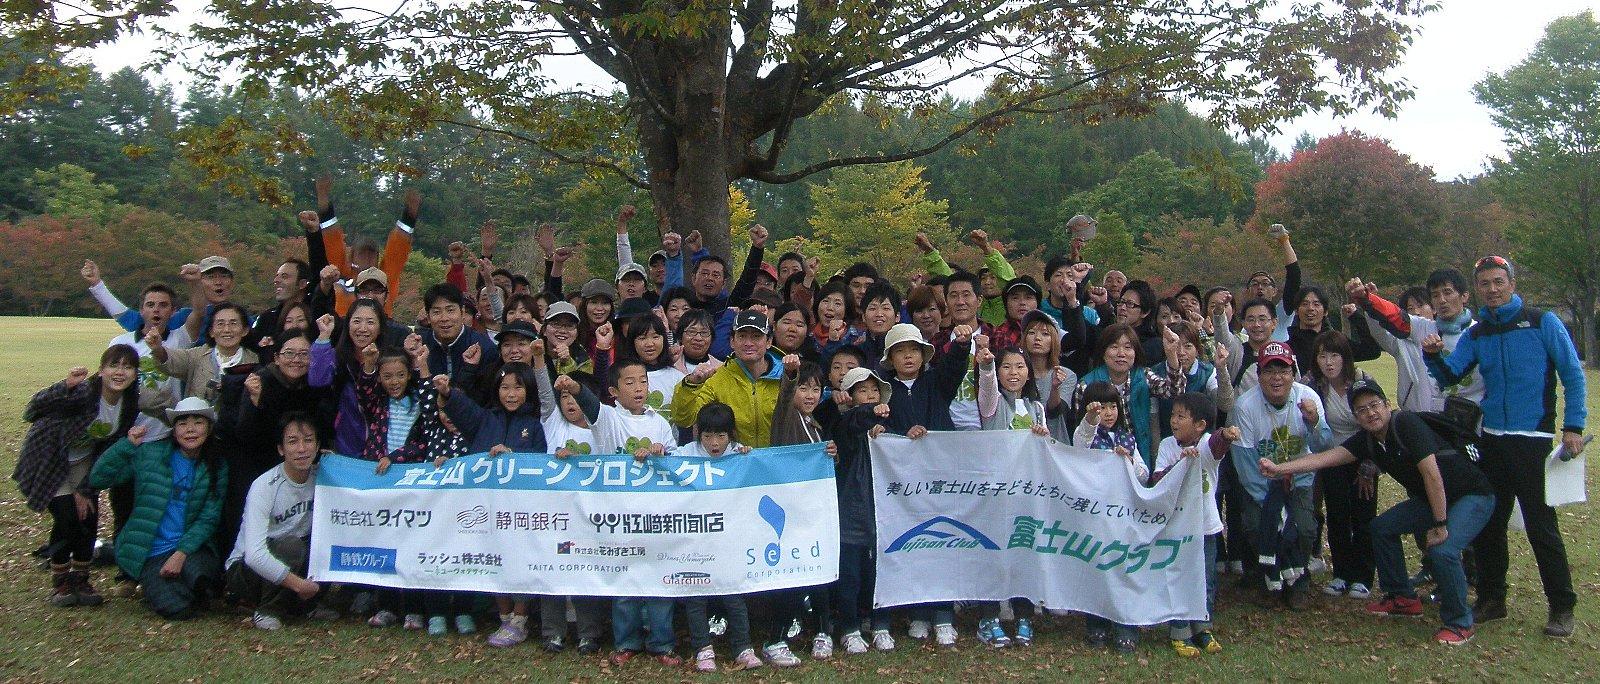 富士山クリーンプロジェクト2011が開催されました!!